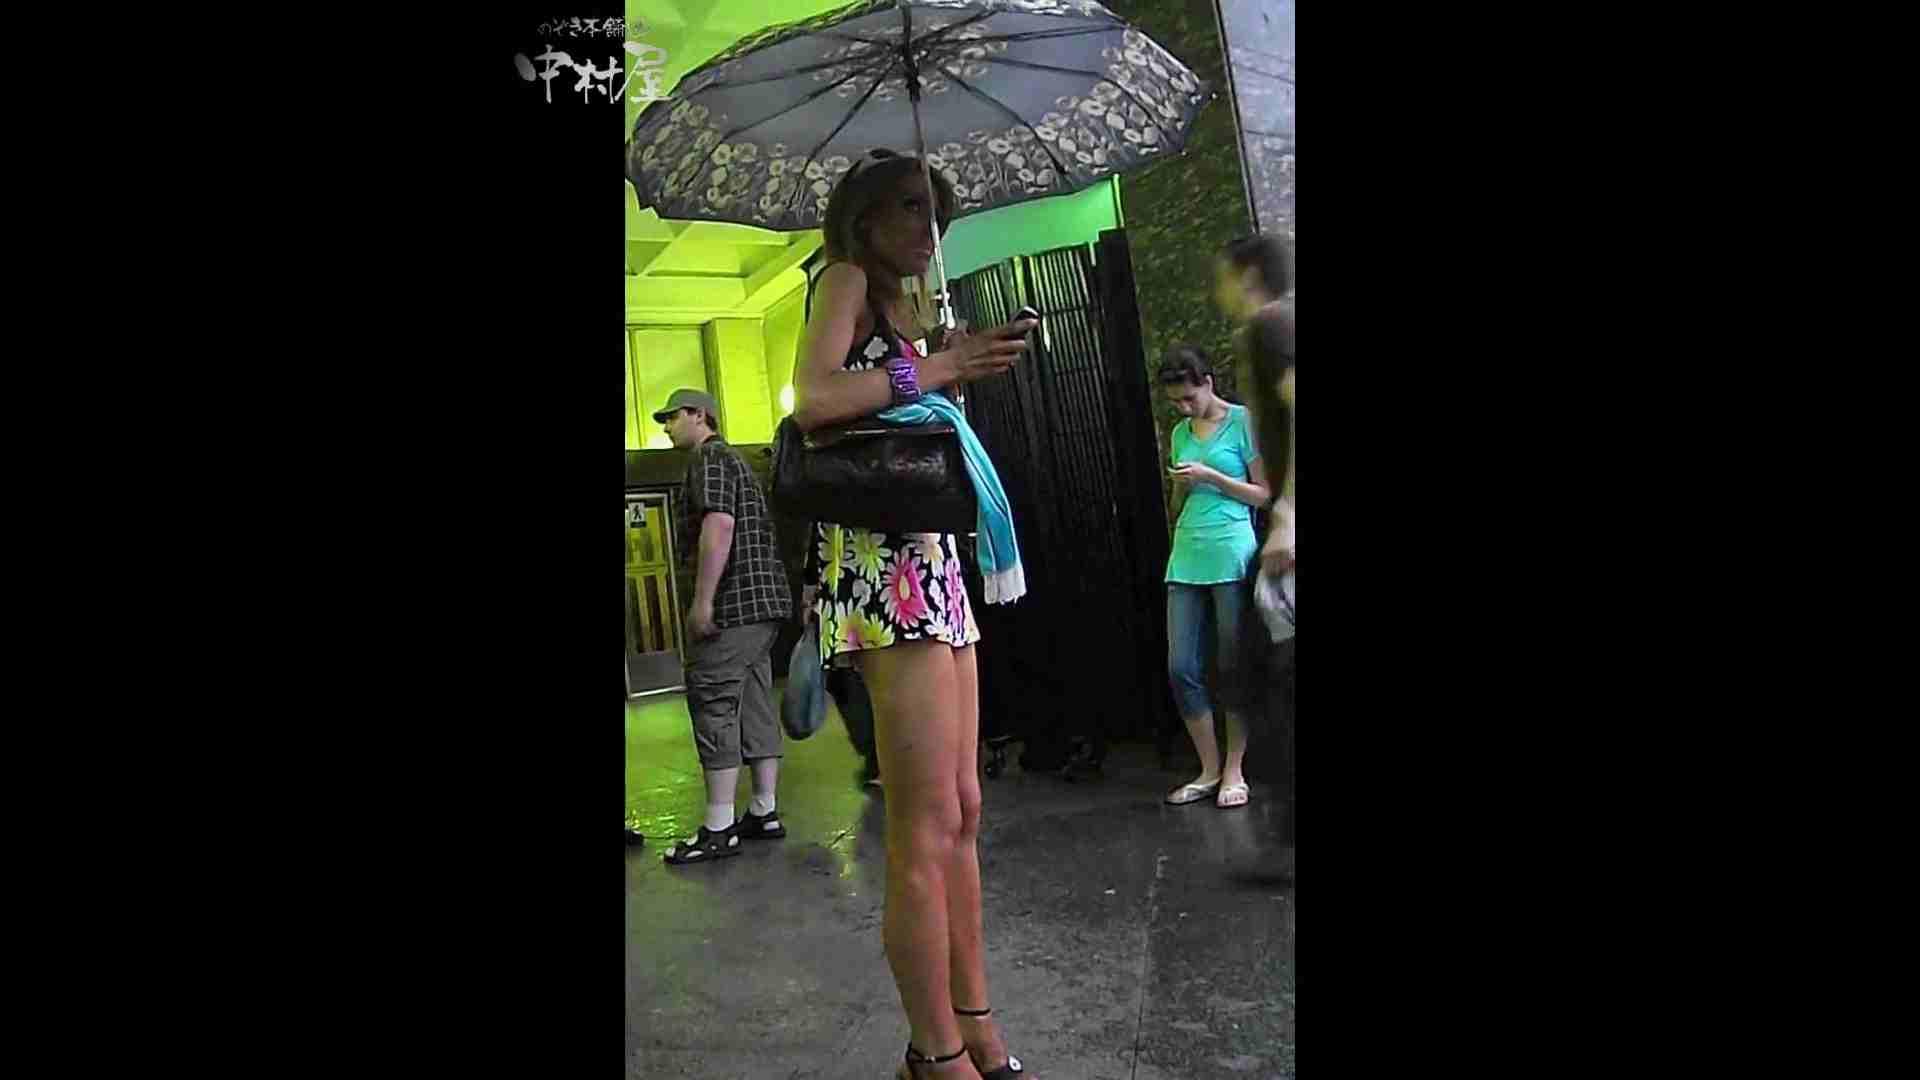 綺麗なモデルさんのスカート捲っちゃおう‼ vol12 お姉さんのエロ動画  84PIX 26